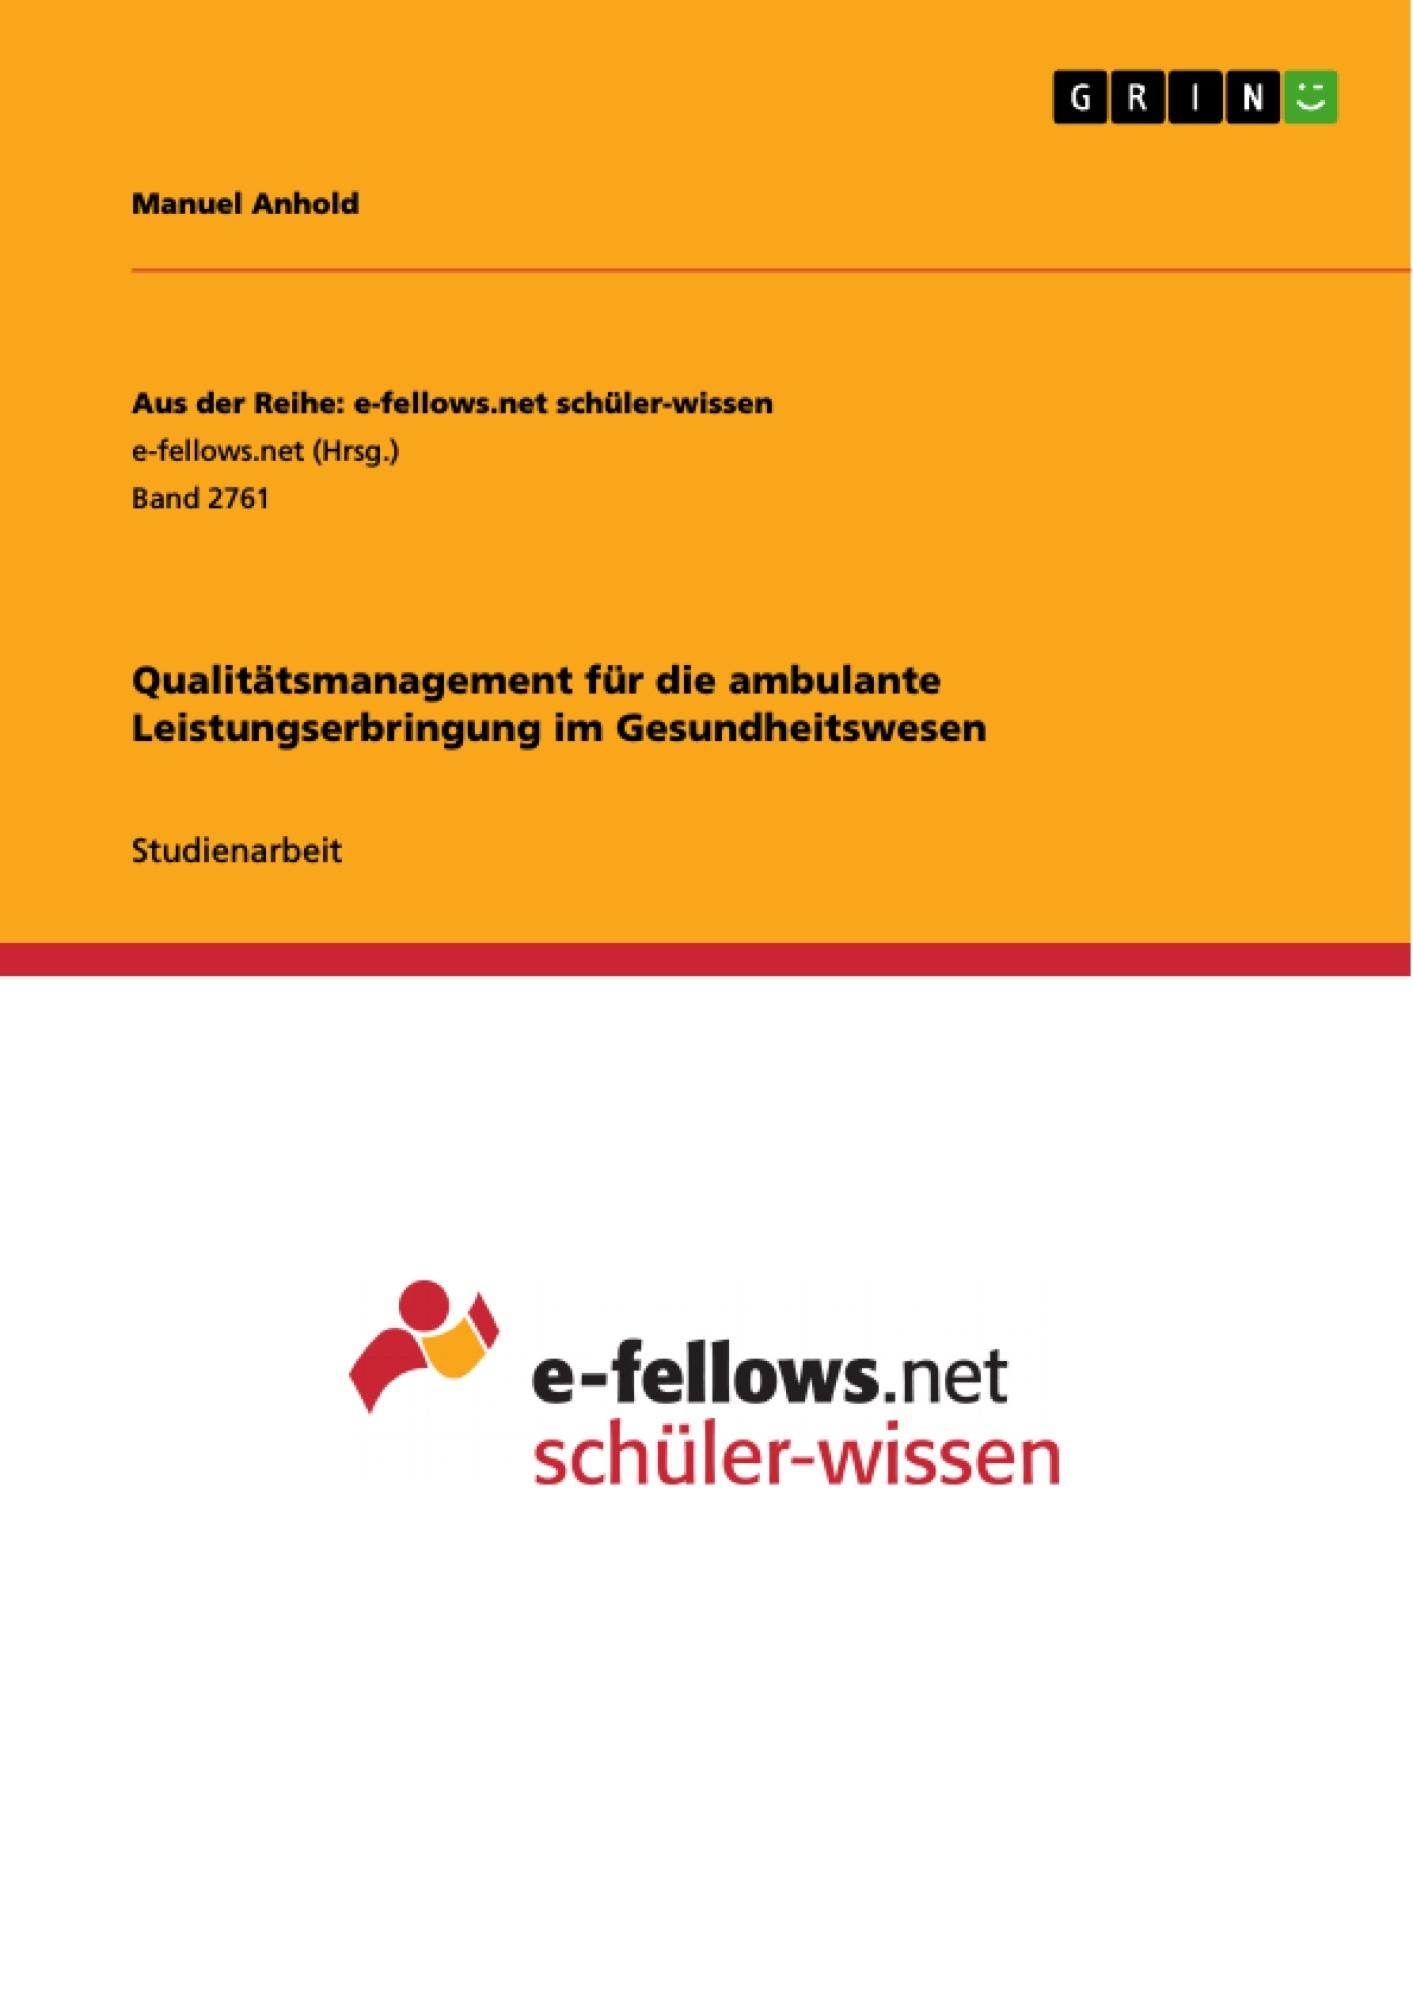 Titel: Qualitätsmanagement für die ambulante Leistungserbringung im Gesundheitswesen